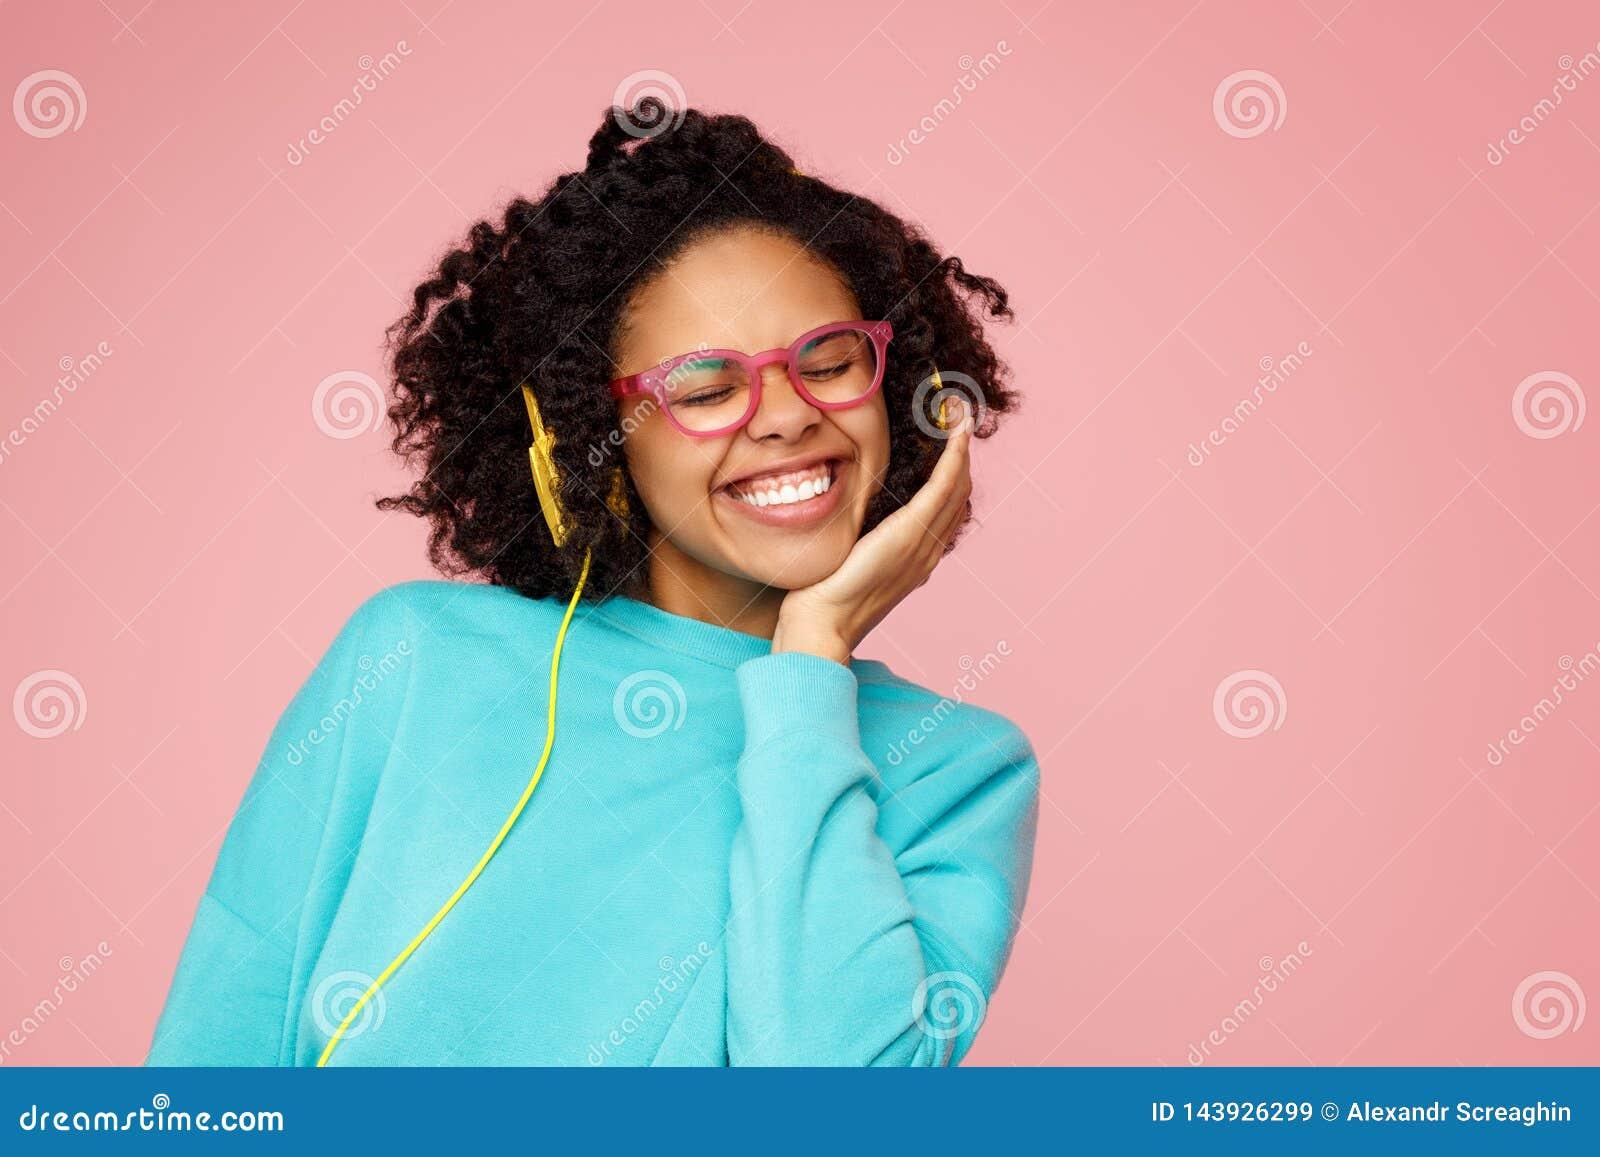 De mooie Afrikaanse Amerikaanse jonge vrouw met heldere glimlach kleedde zich in vrijetijdskleding, glazen en hoofdtelefoons over